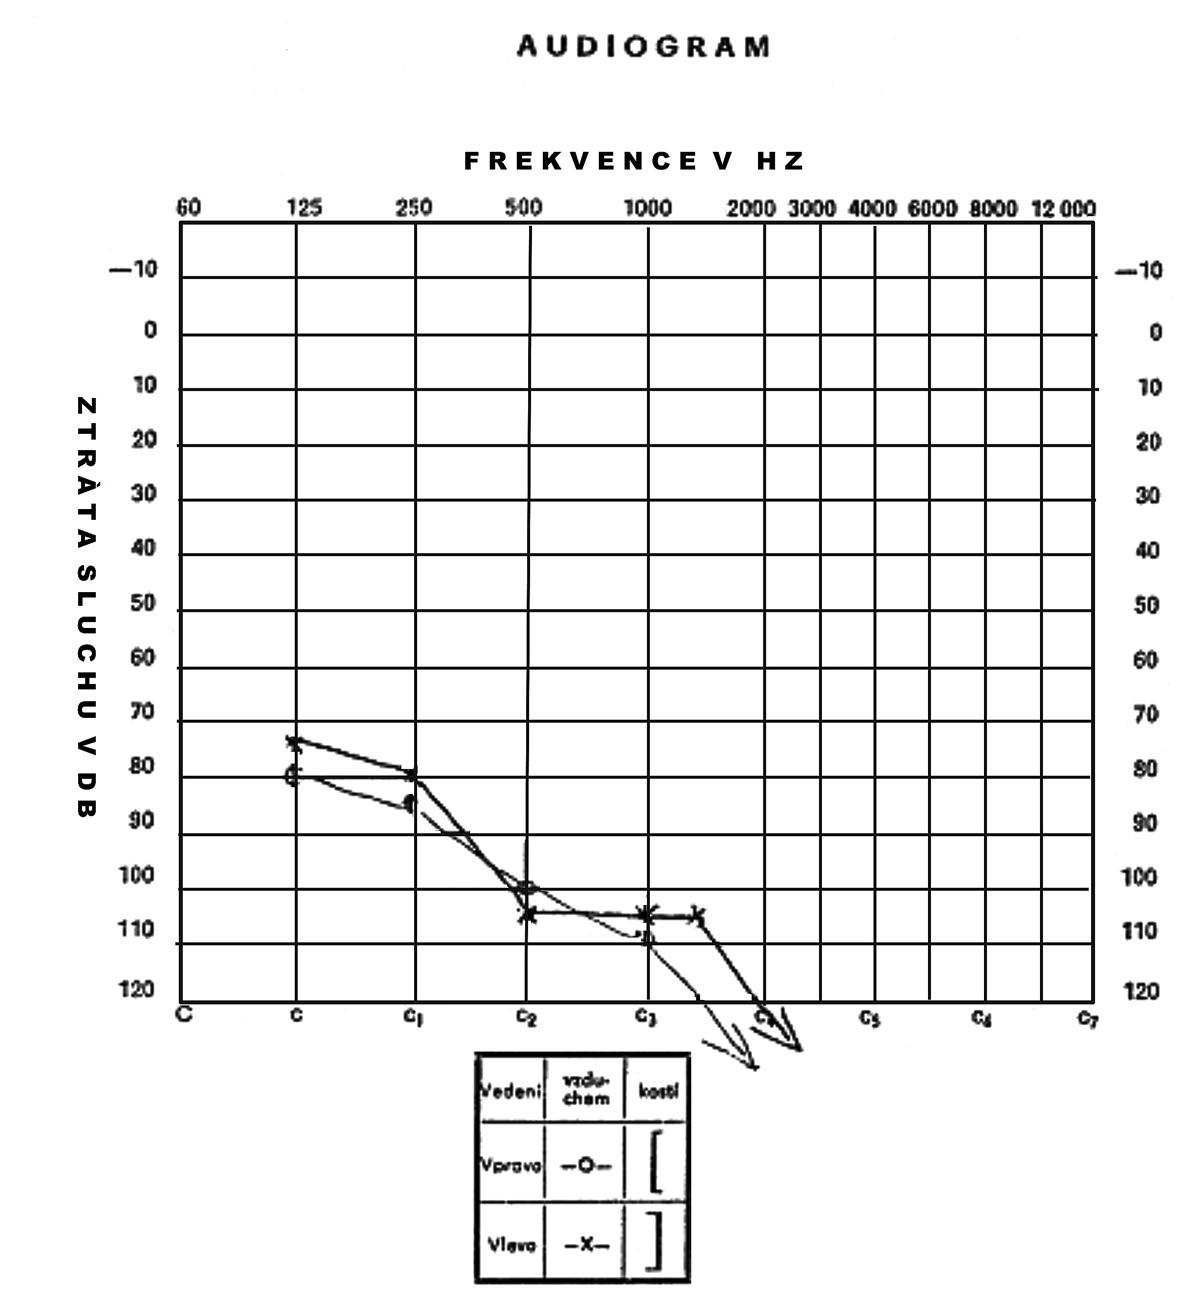 Audiogram 3. pacienta ve věku 3 let s nálezem velmi těžké ztráty sluchu